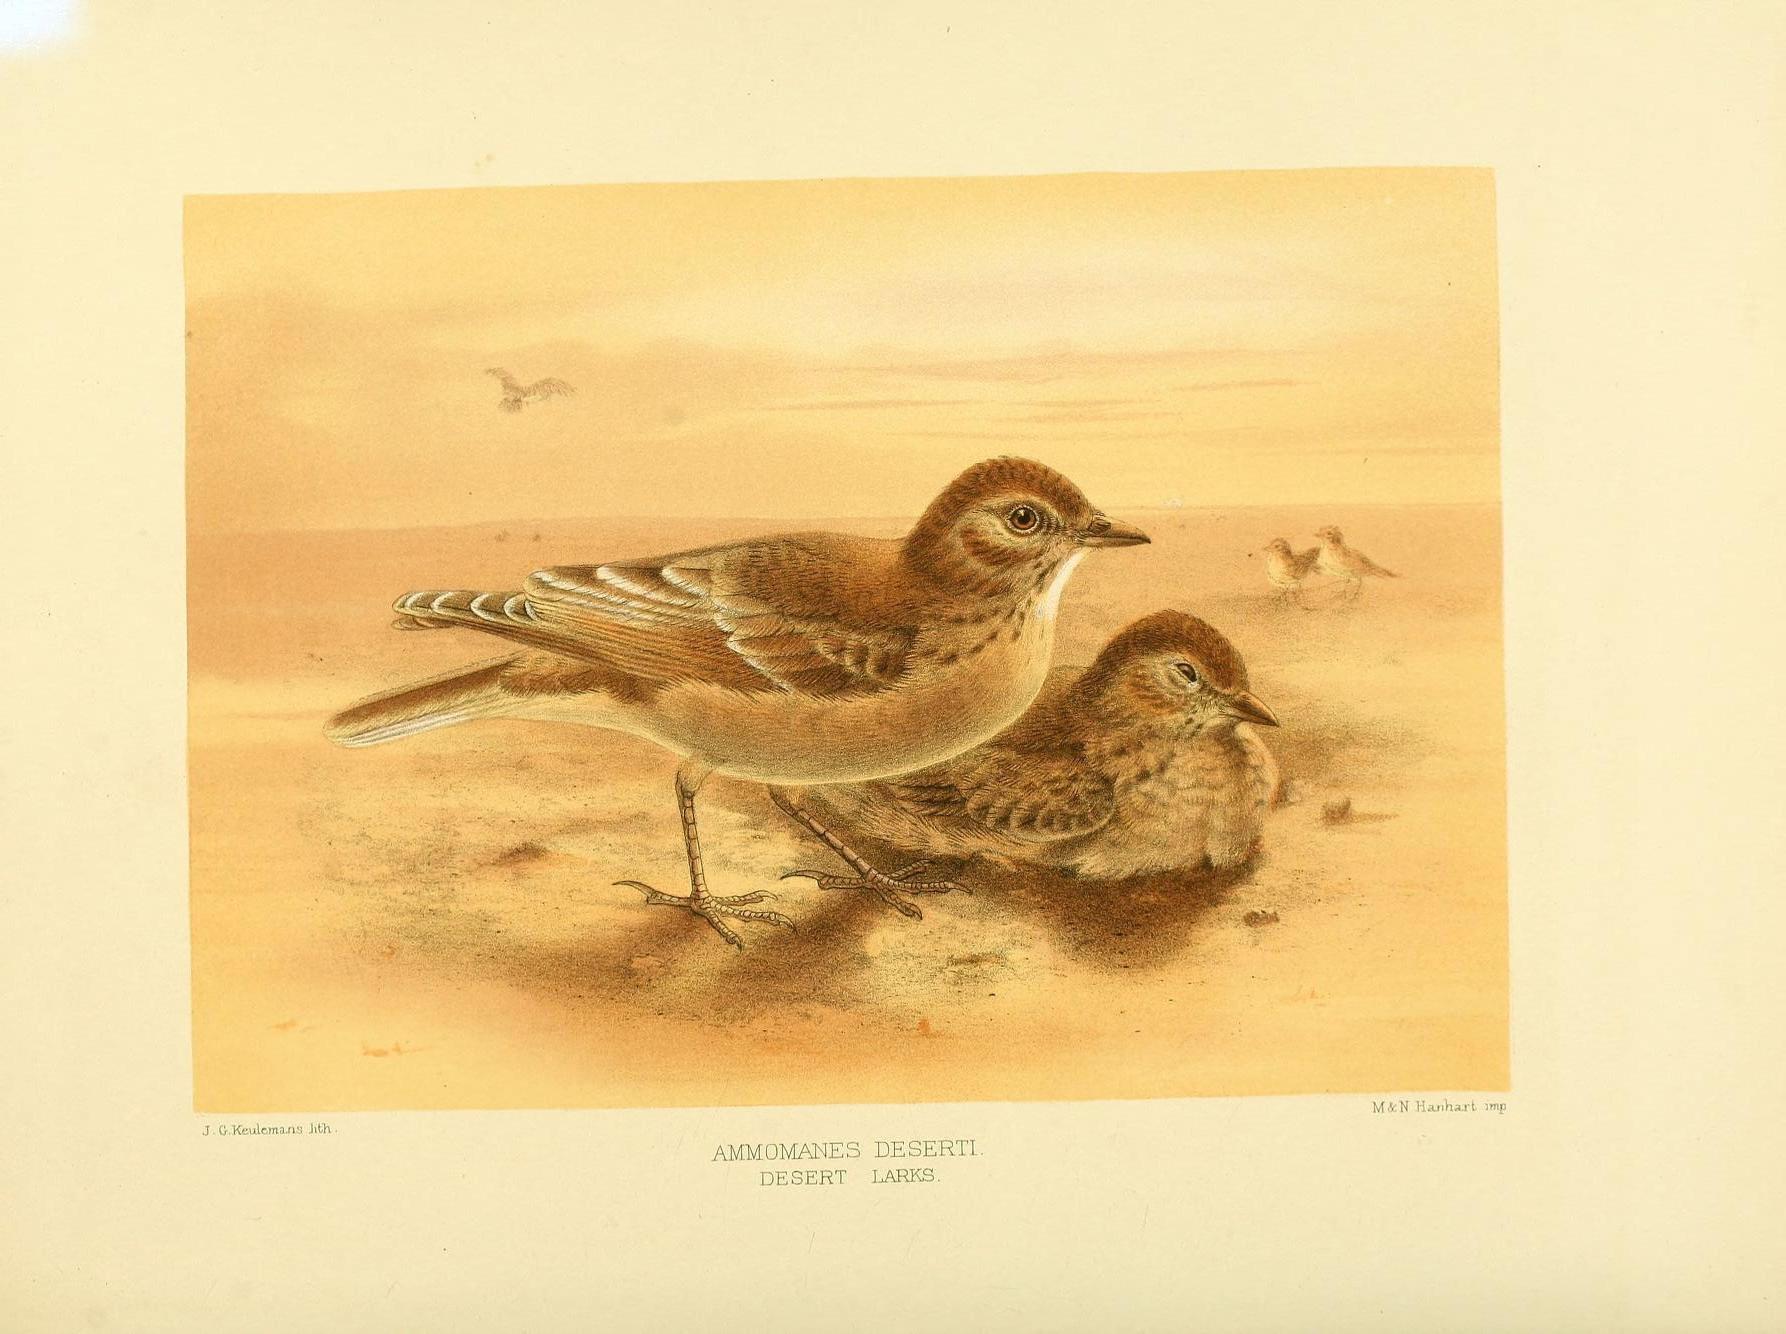 Image of Desert Lark